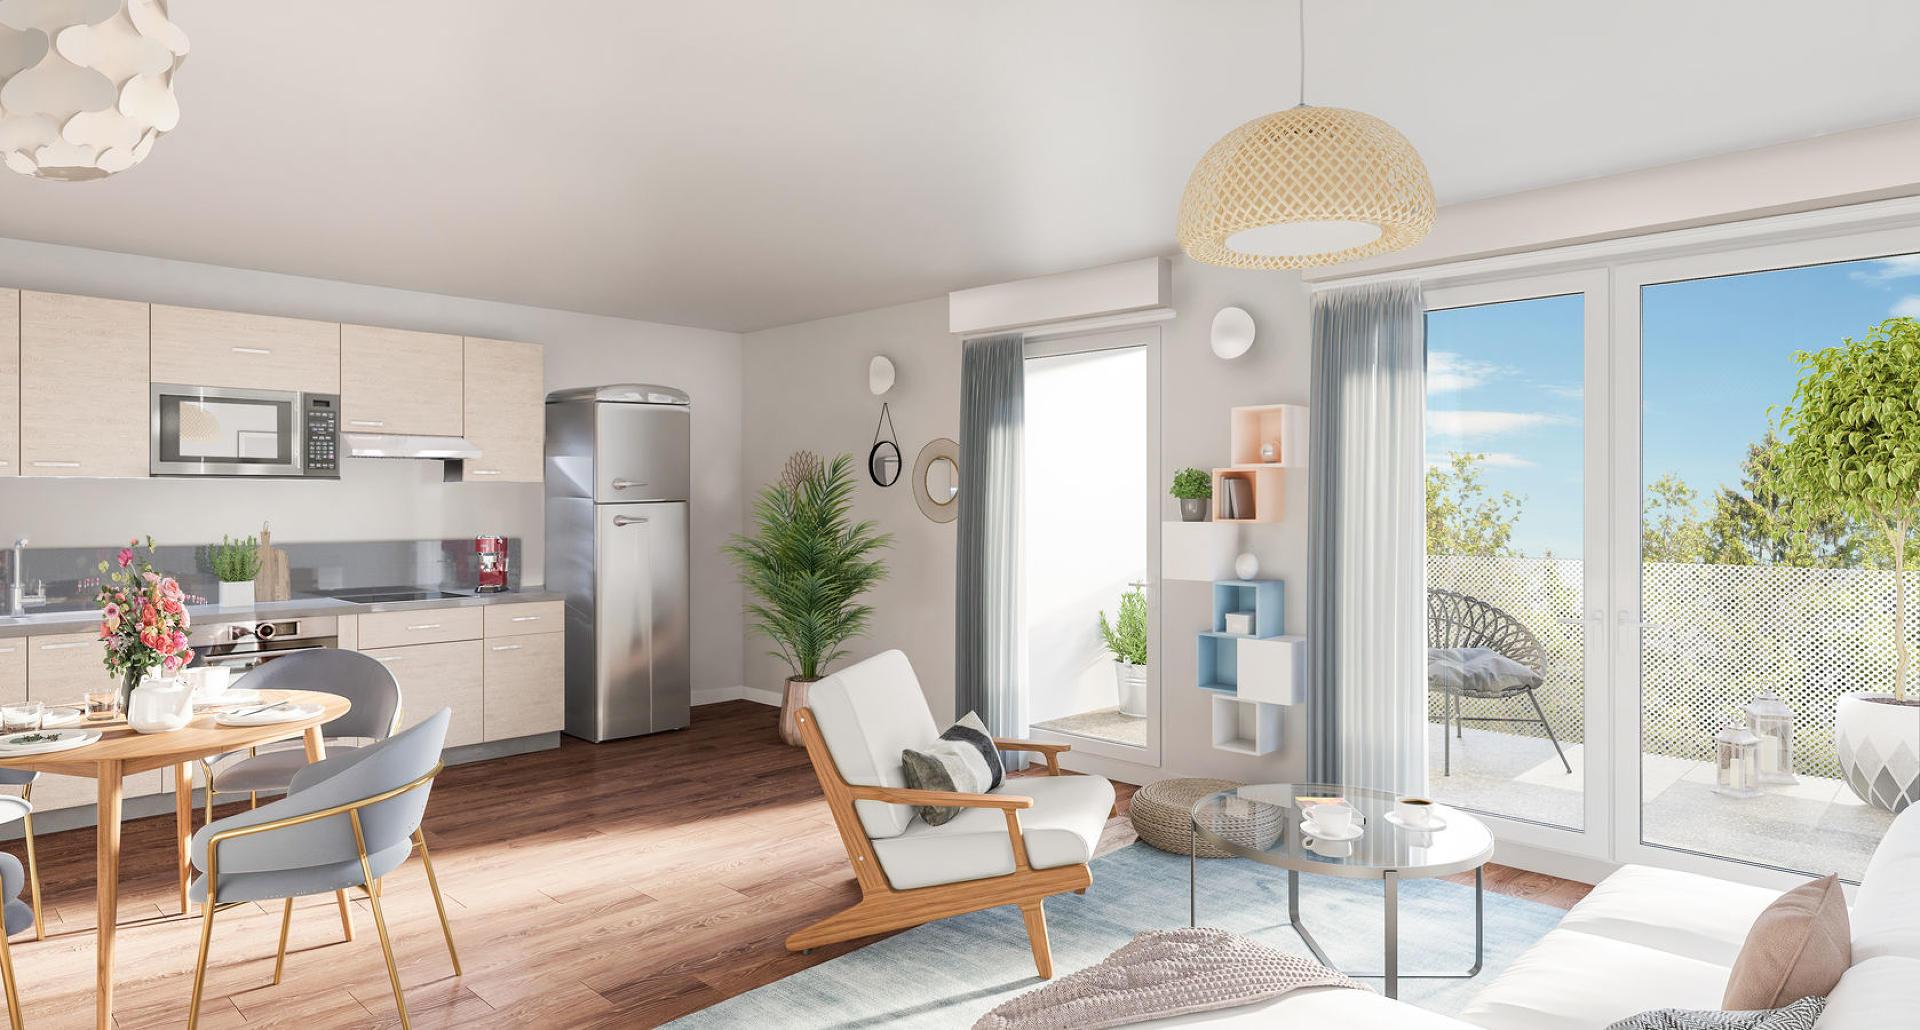 Programme immobilier Aix-Les-Bains (73100) Environnement calme et vert OGI24